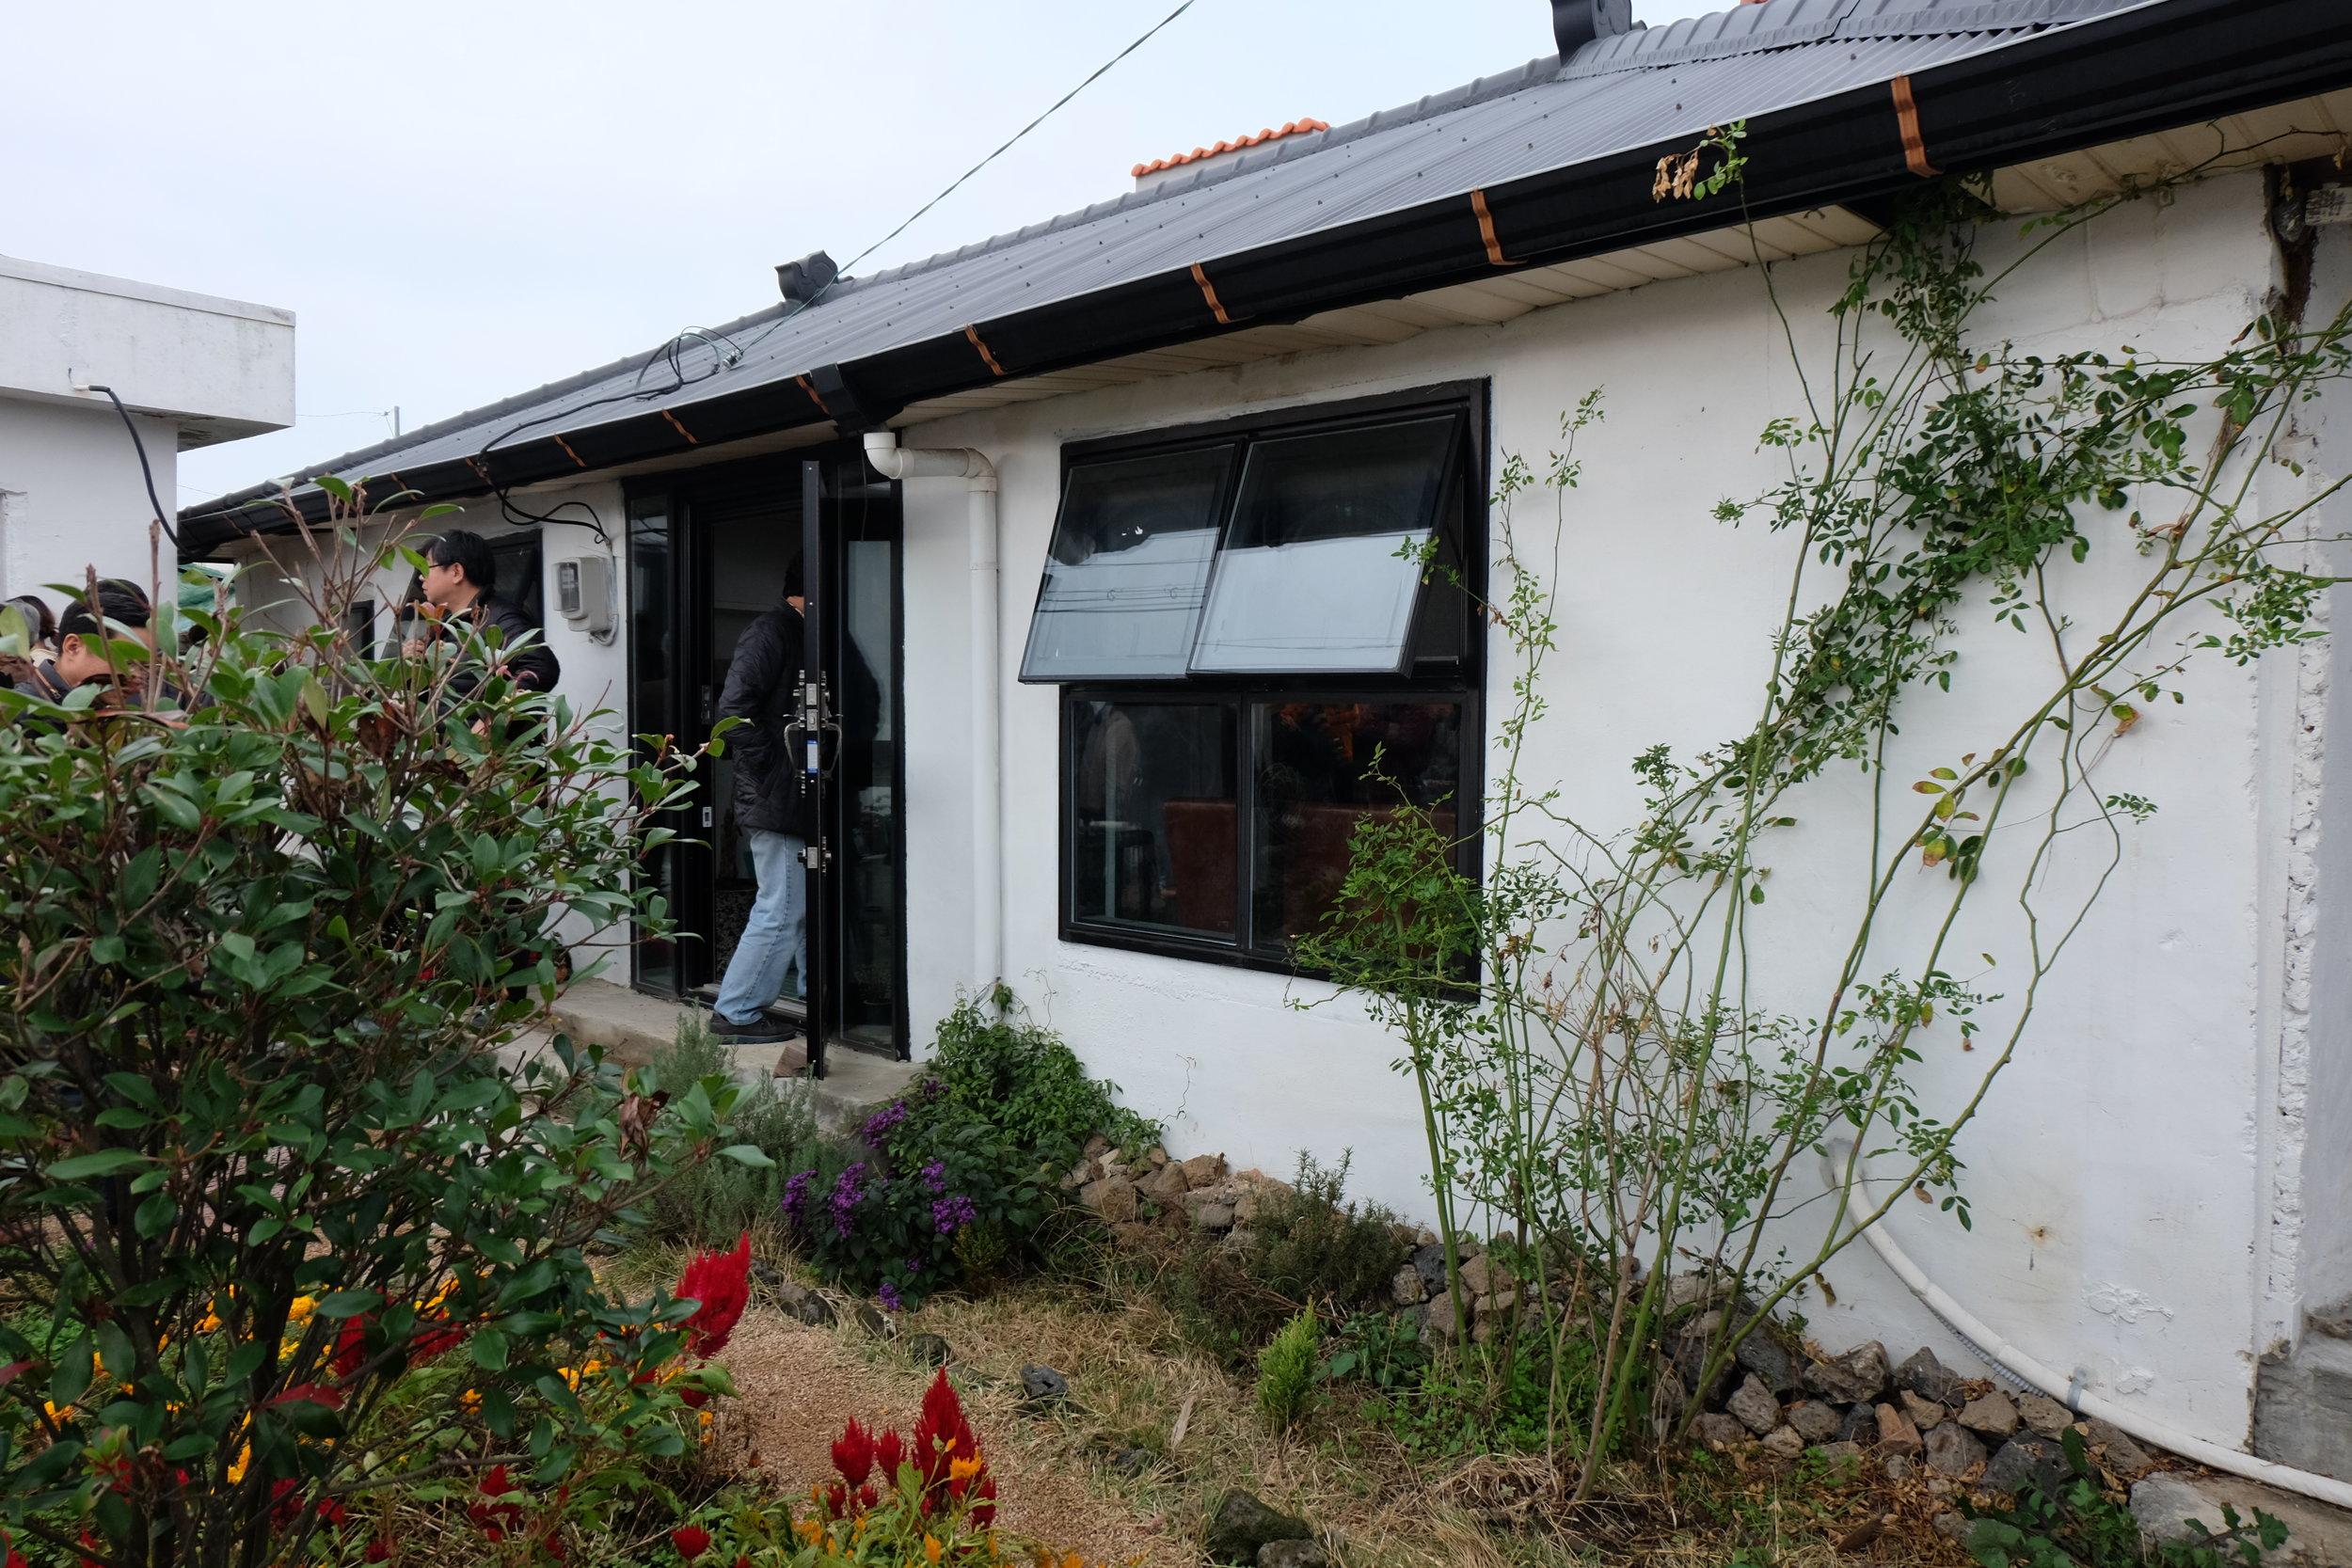 可愛らしい一軒家と小さな庭園